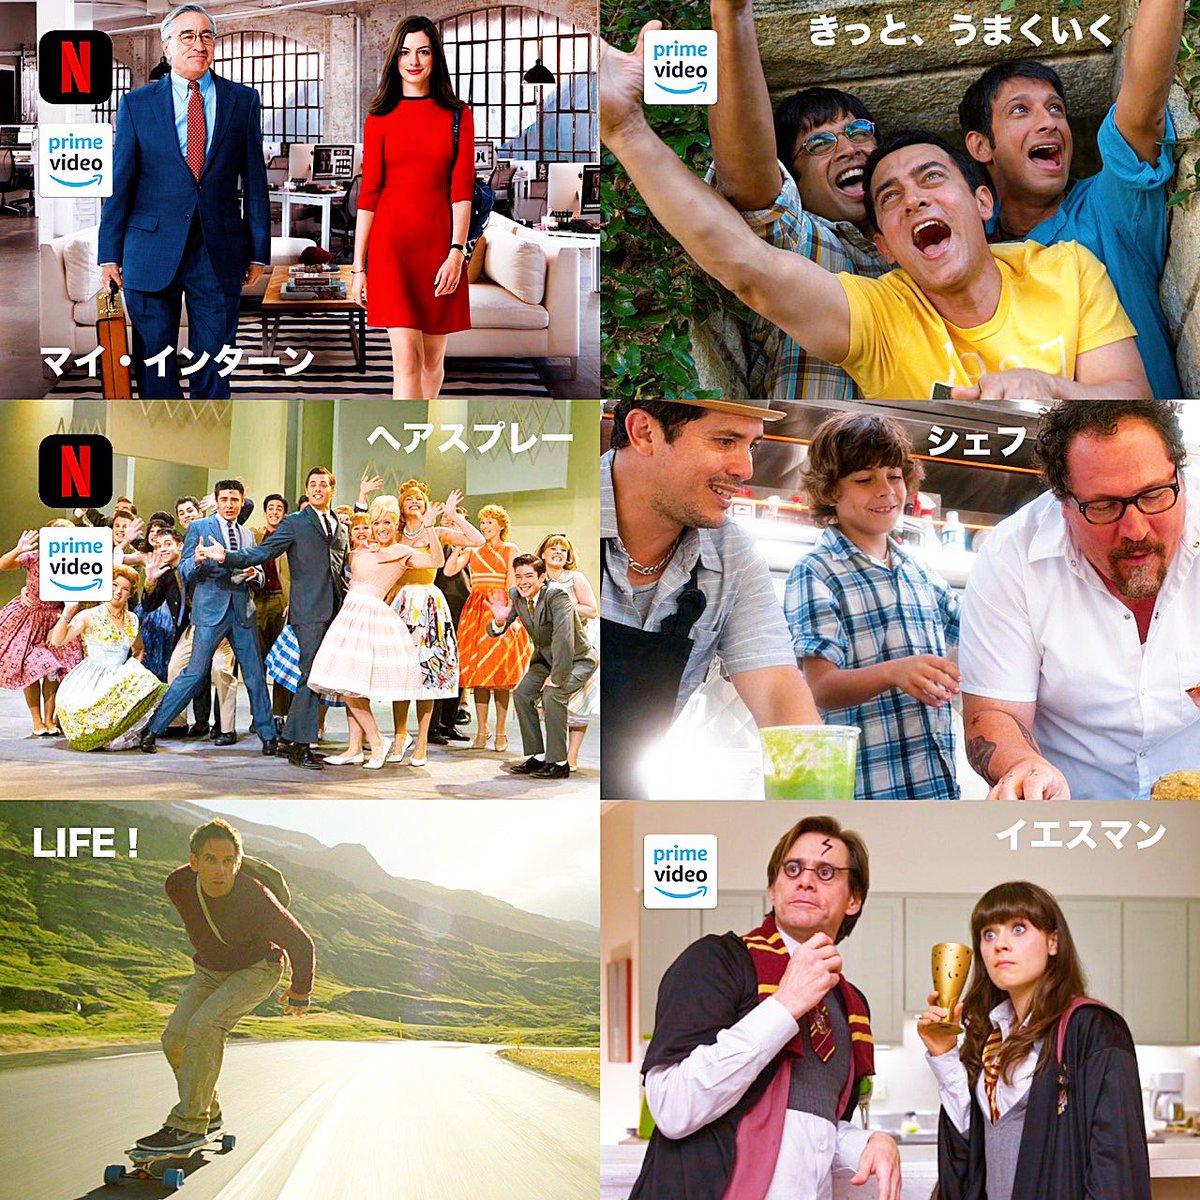 映画好きが選ぶ #心が元気になる映画 ランキング発表🎉1位、マイ・インターン2位、きっとうまくいく3位、ヘアスプレー4位、シェフ5位、LIFE!〜24位までまとめました!Netflix、アマプラで観れる作品はマークがついているので参考にしてください🎬ご協力ありがとうございました!